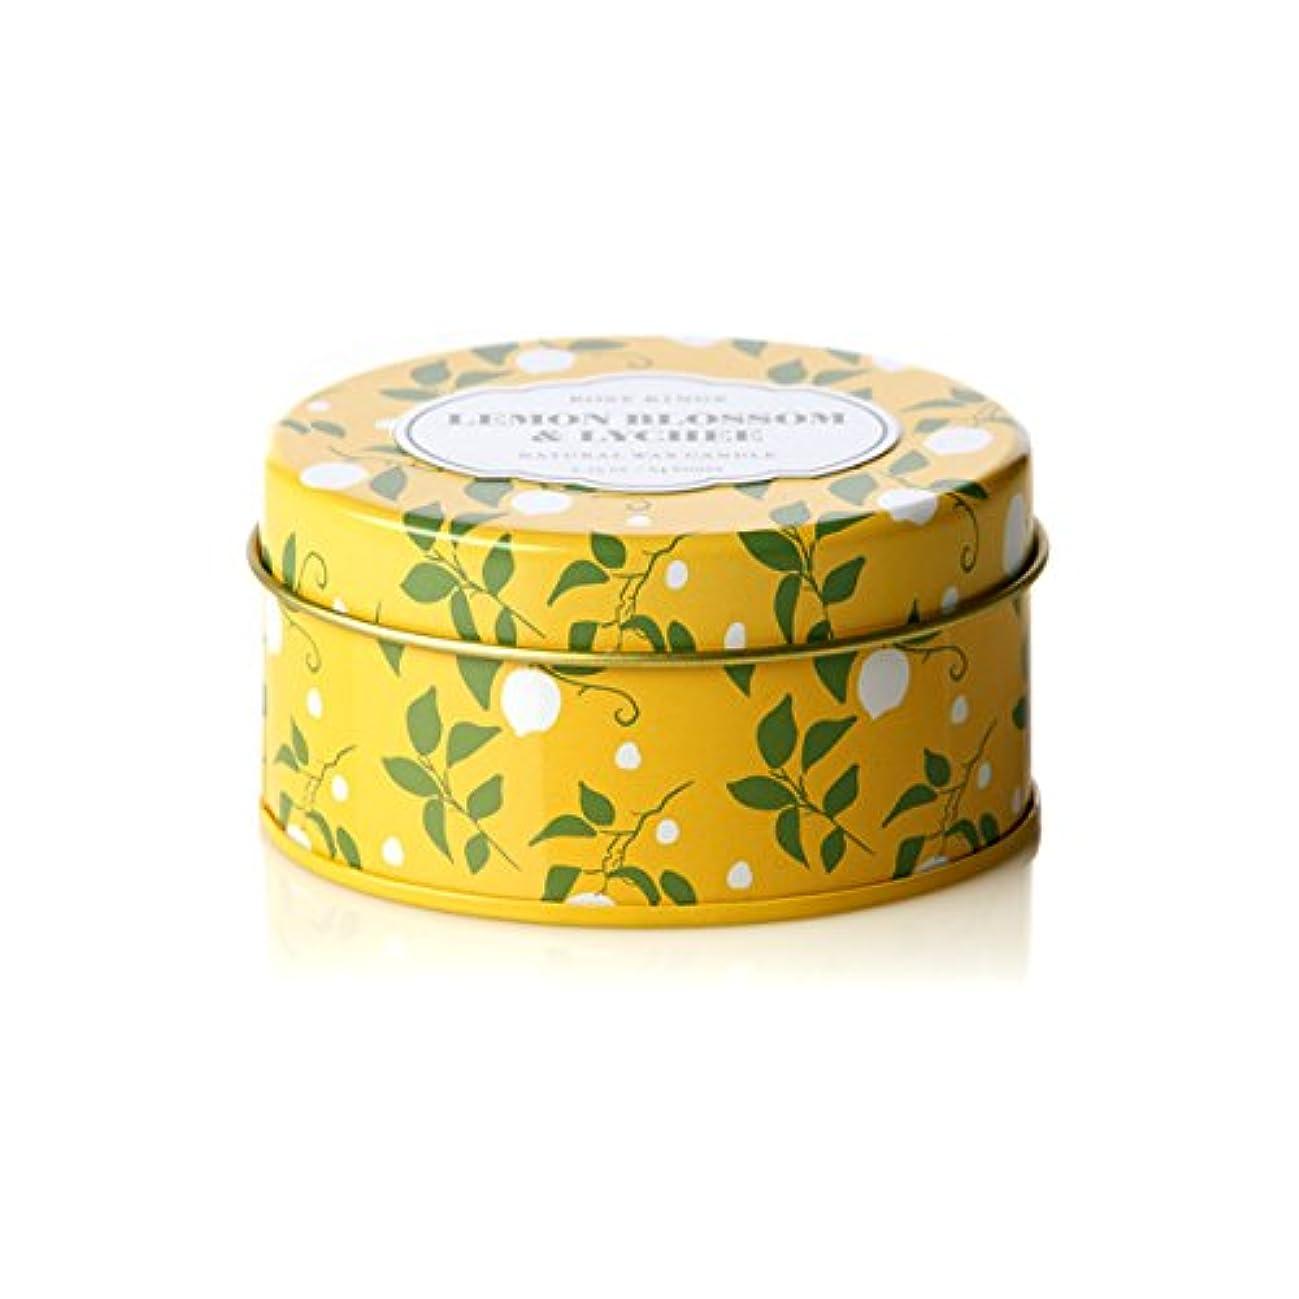 文房具燃料偶然ロージーリングス トラベルティンキャンドル レモンブロッサム&ライチ ROSY RINGS Lemon Blossom & Lychee Travel Tin